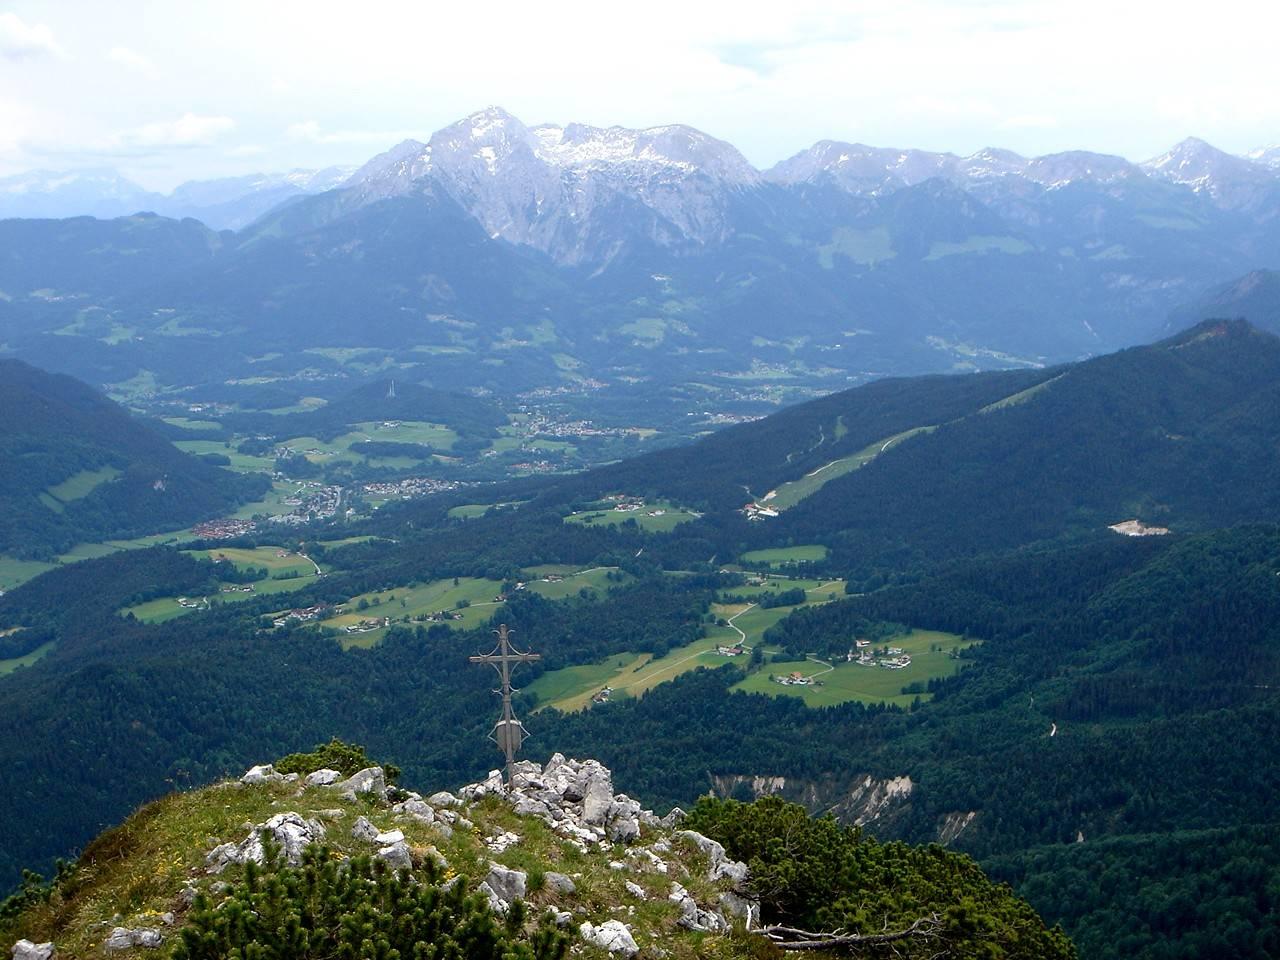 Foto: Manfred Karl / Wander Tour / Törlkopf, 1704 m / Im Hintergrund: Dachstein, Tennengebirge, Göllstock, Hagengebirge. / 03.06.2007 20:52:40